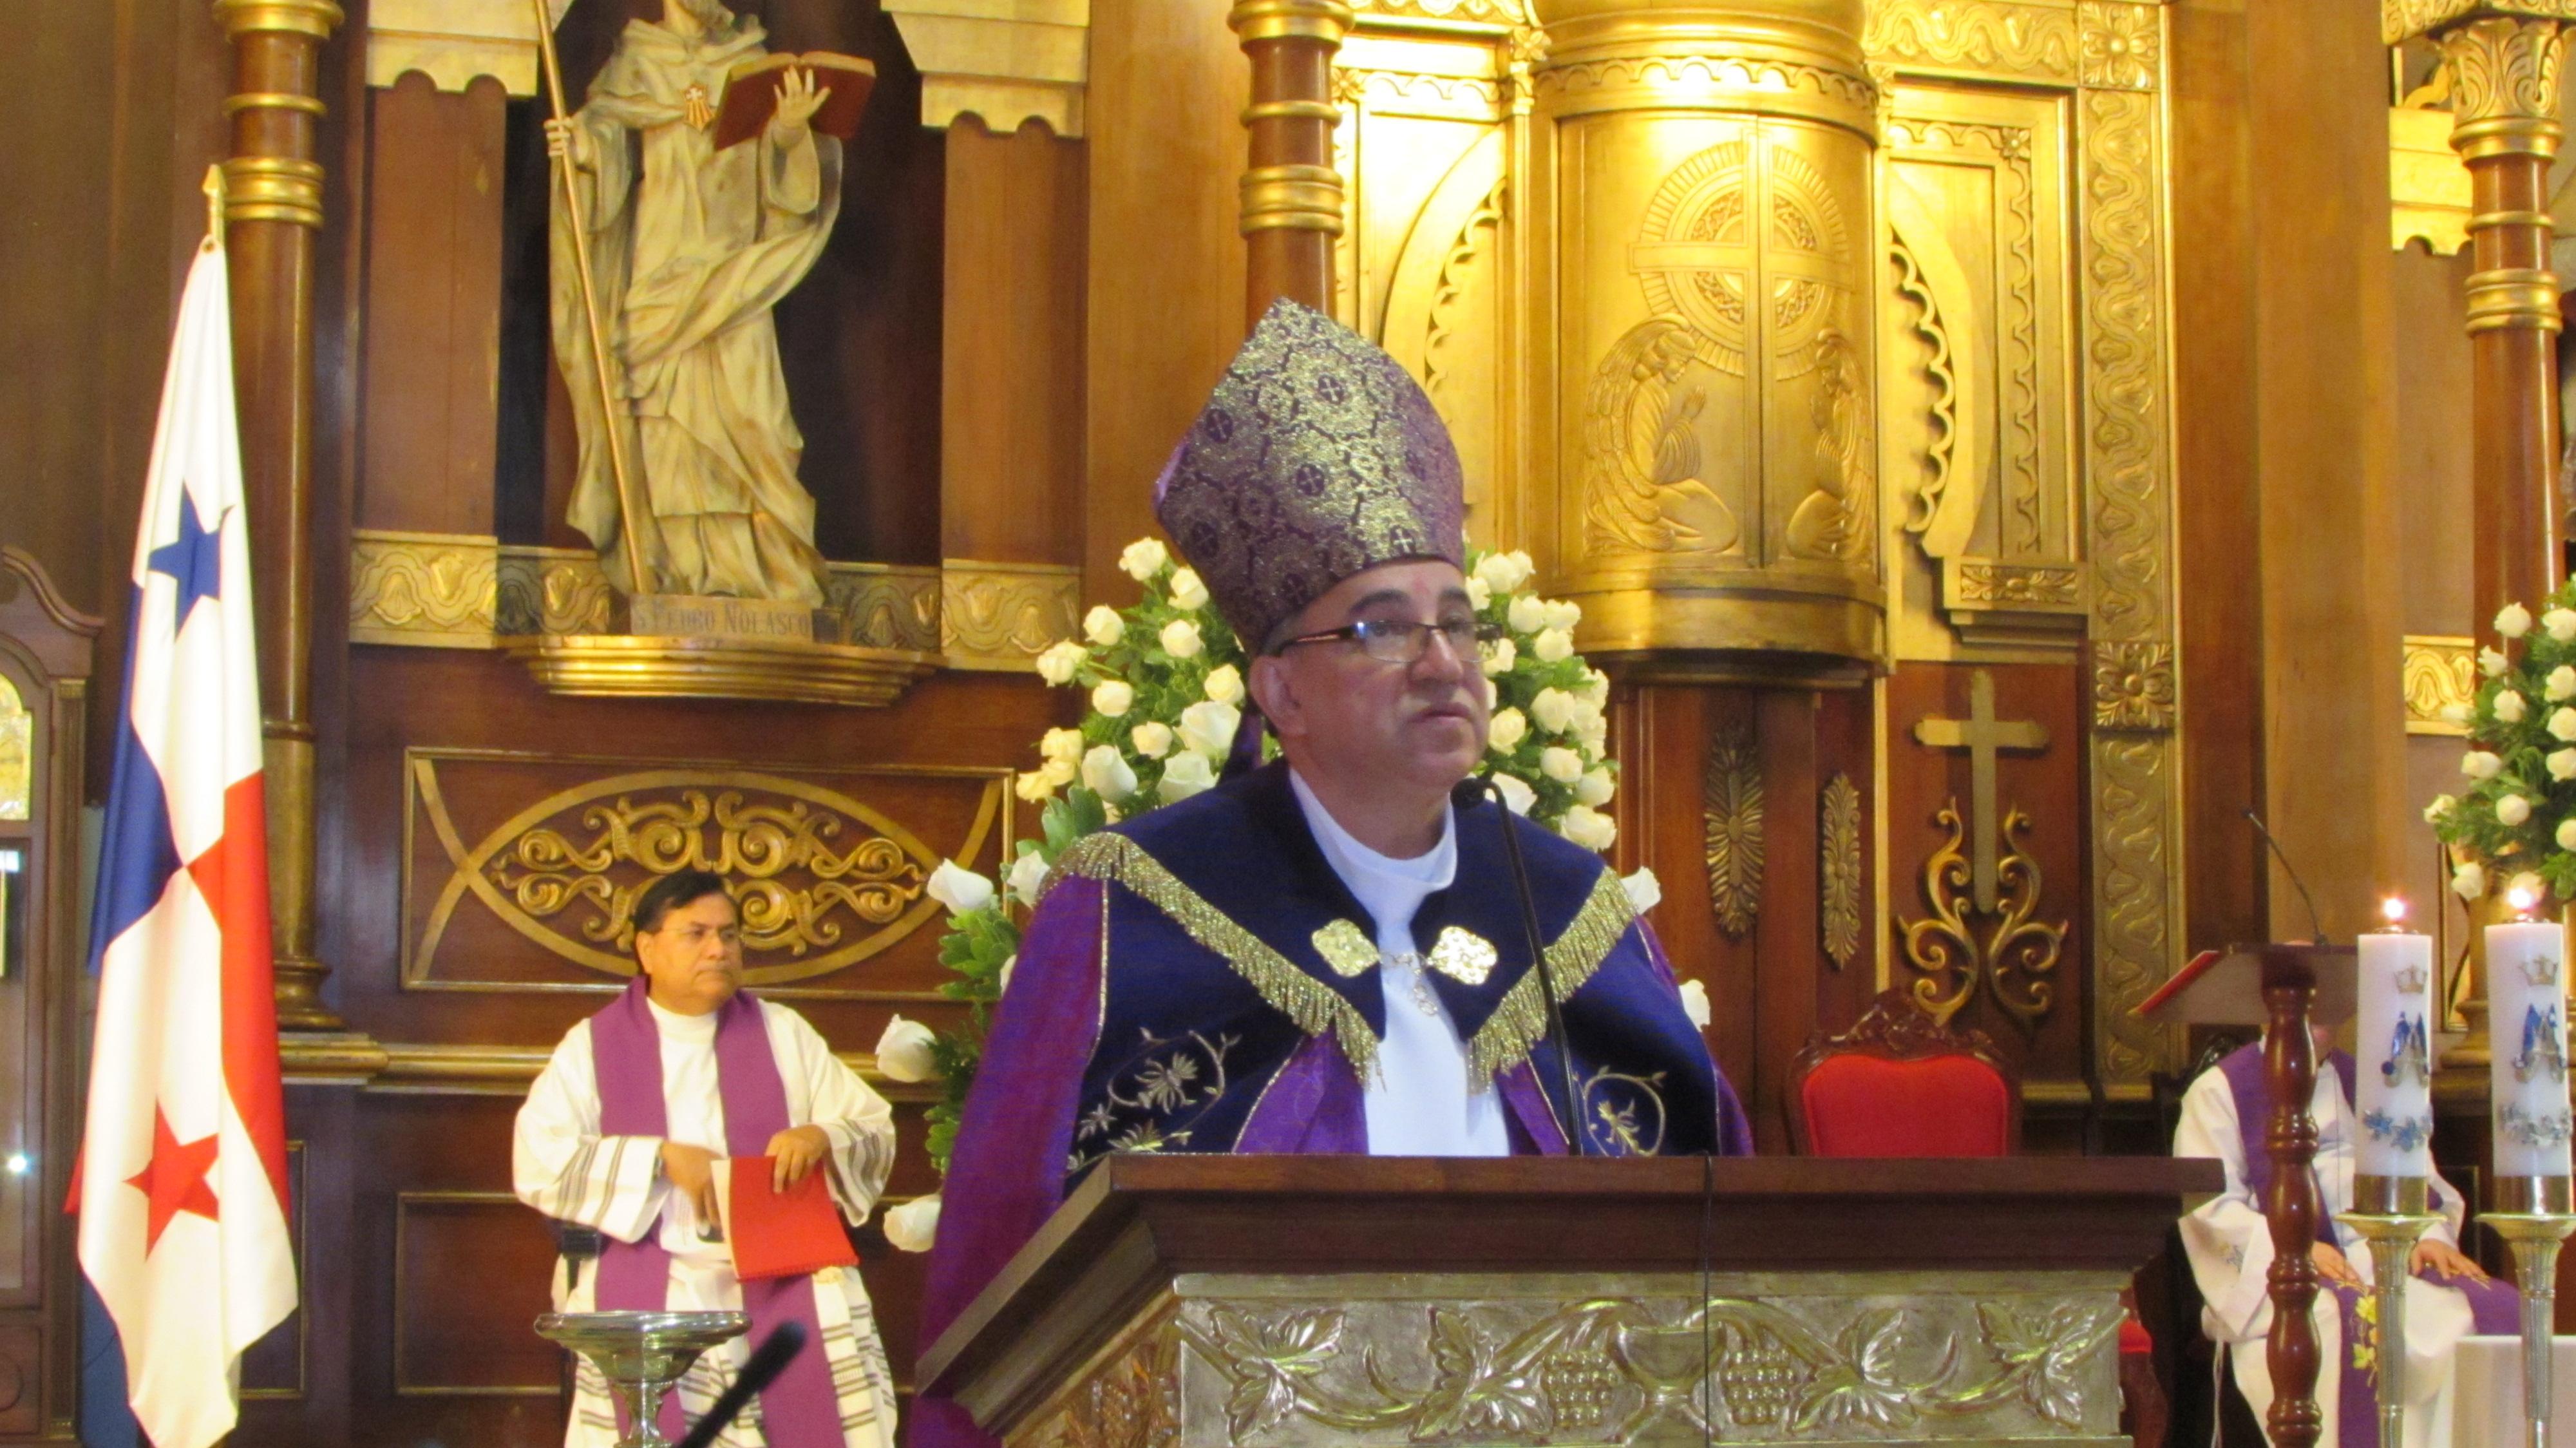 Celebración de Acto litúrgico conmemorativo por los 55 años de la gesta patriótica del 9 de enero de 1964